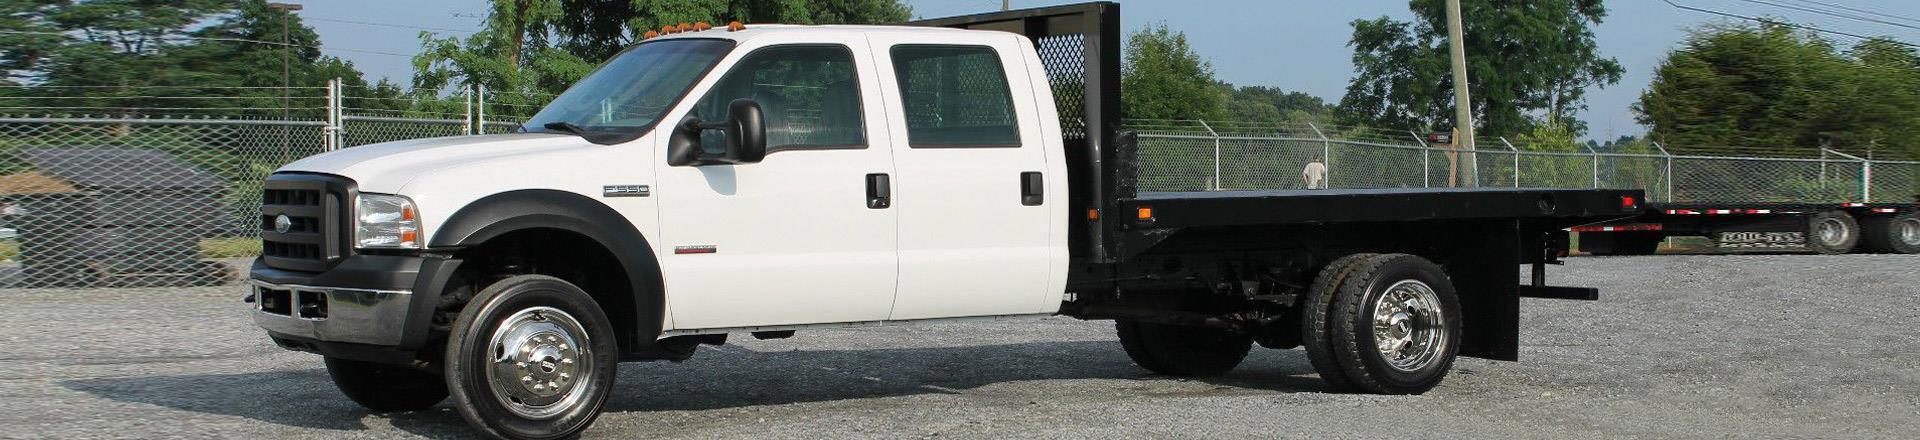 Used Cars St Louis MO | Used Cars & Trucks MO | Cape Auto Sales ...